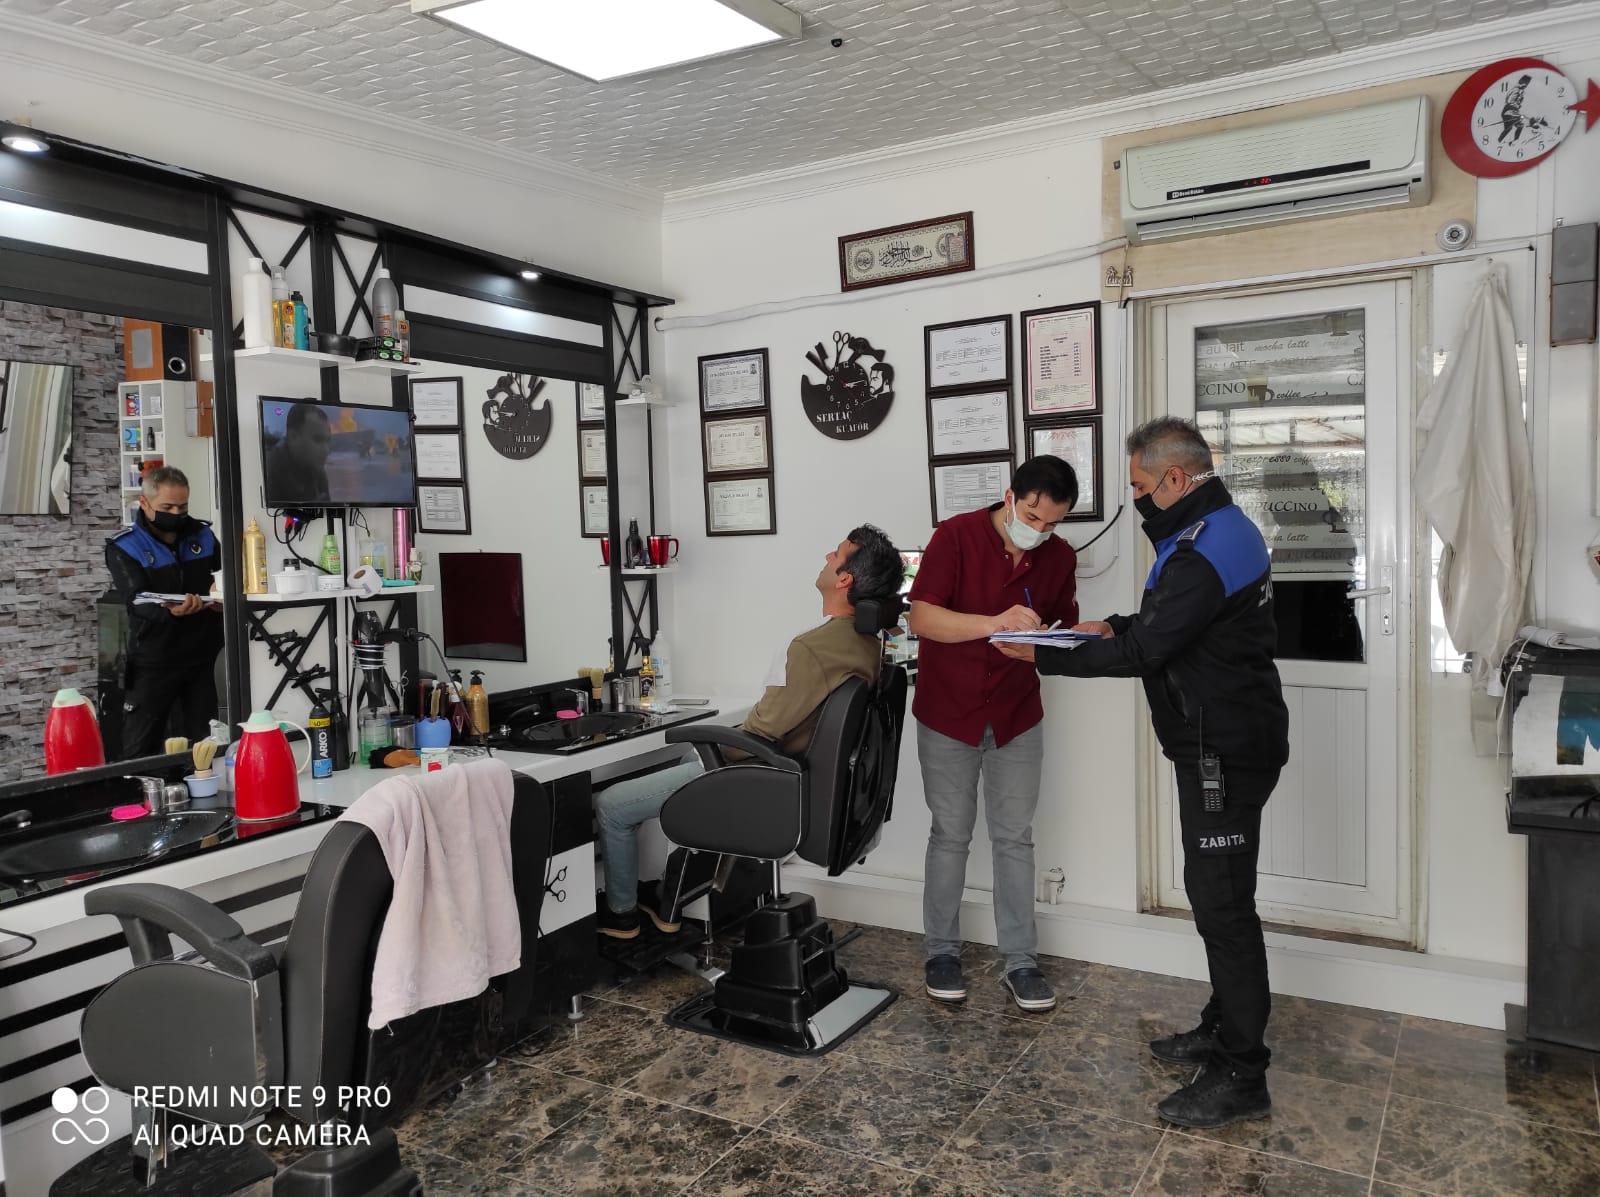 Burhaniye Belediyesi Mutasyonlu Virüs İçin Harekete Geçti